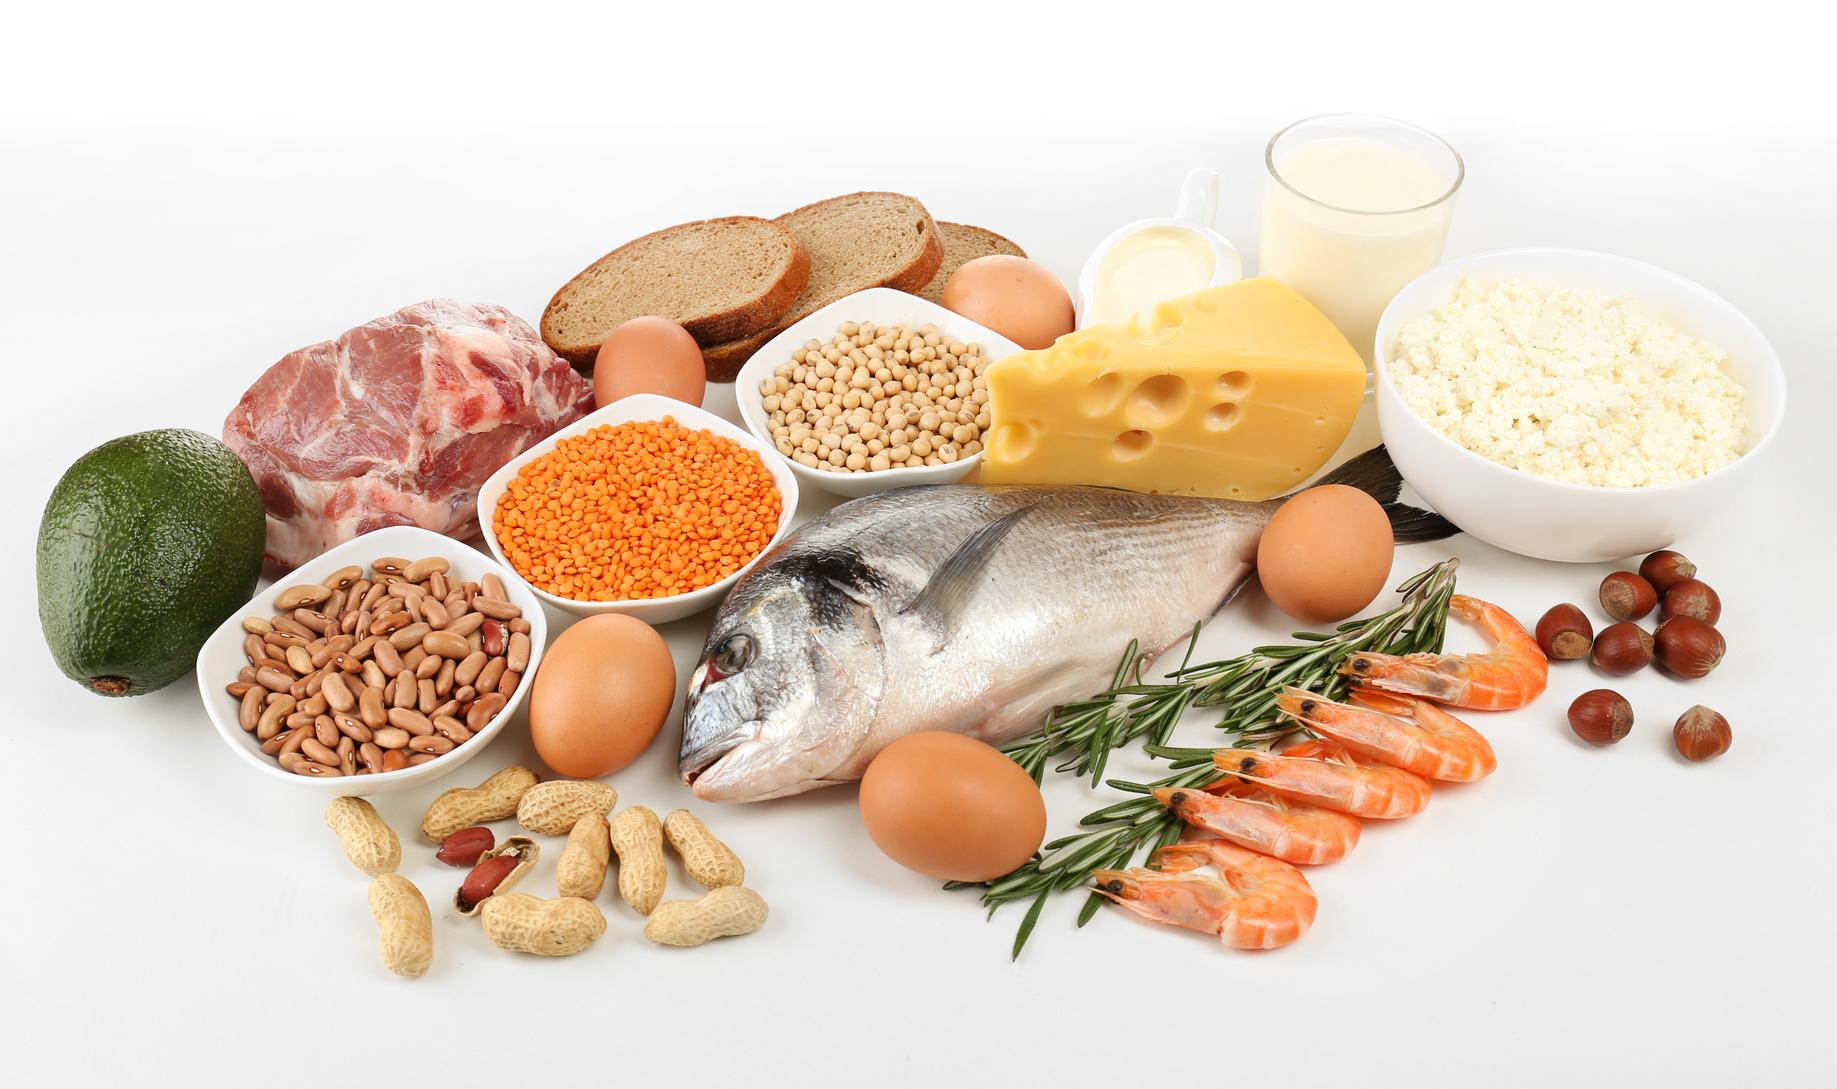 диета белковая от диетолога меню